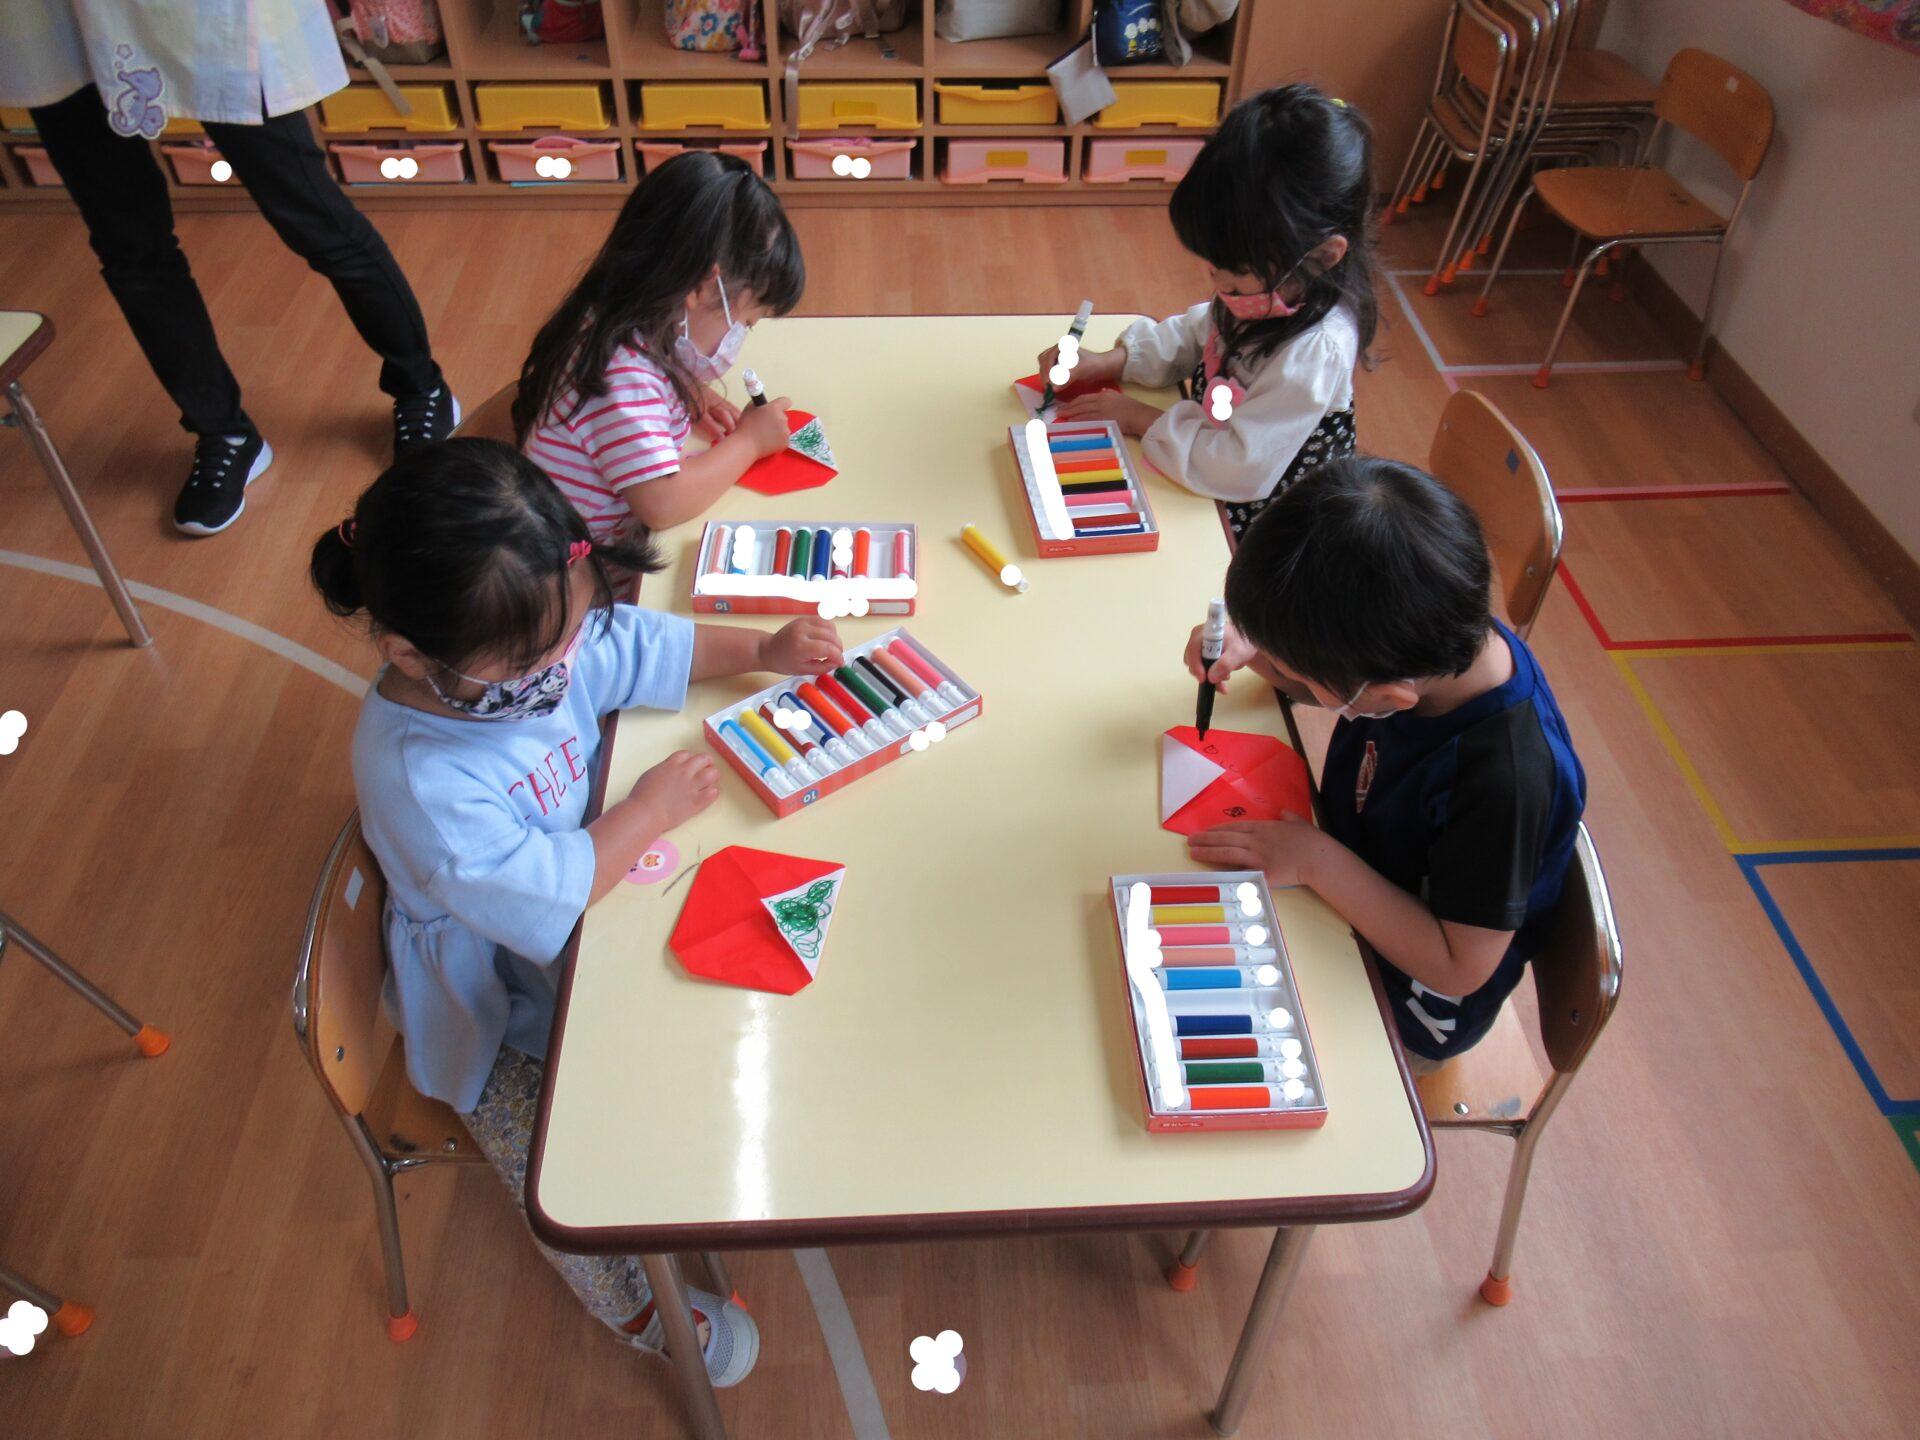 りんご組「新聞あそびや折り紙製作したよ☆」